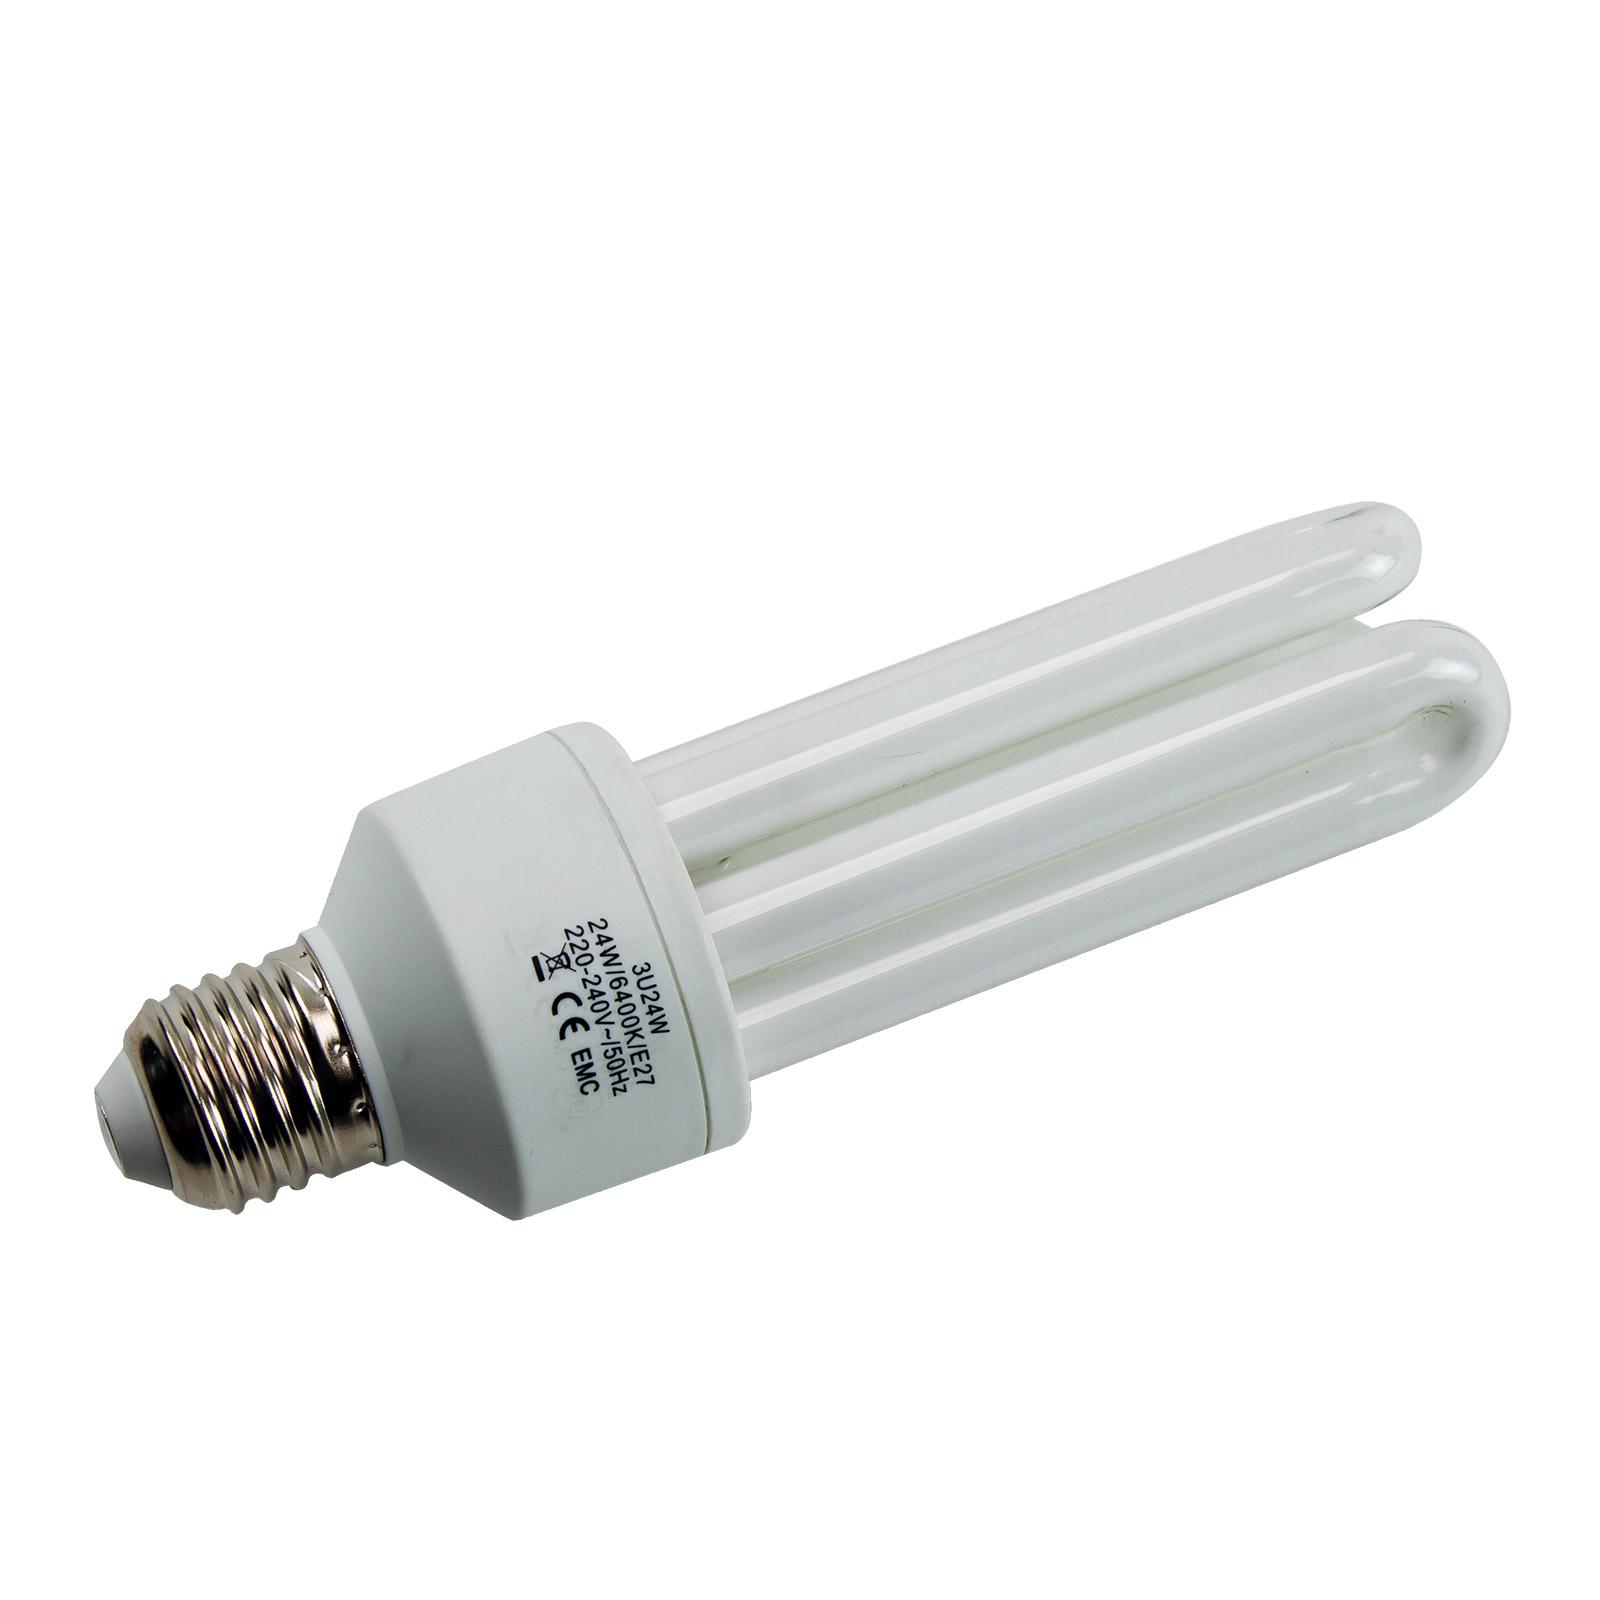 Dema Energiesparlampe 24W für 90554 90556